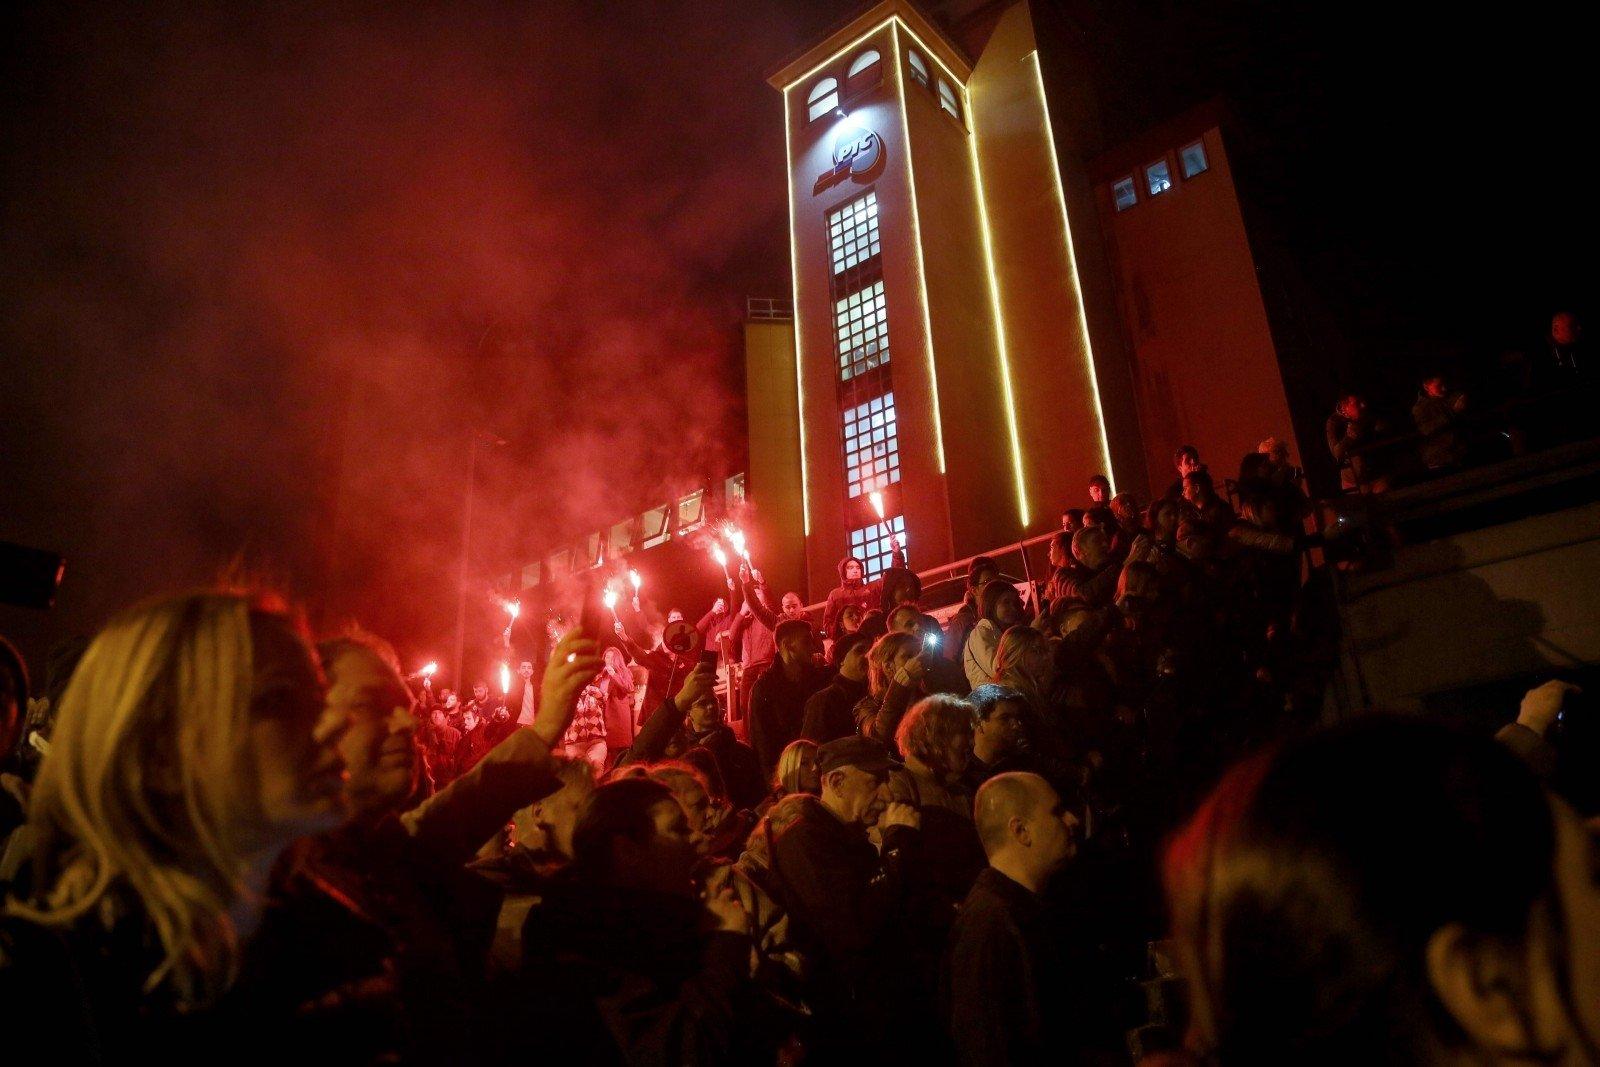 ВСербии впроцессе протестов захвачено строение гостелевидения